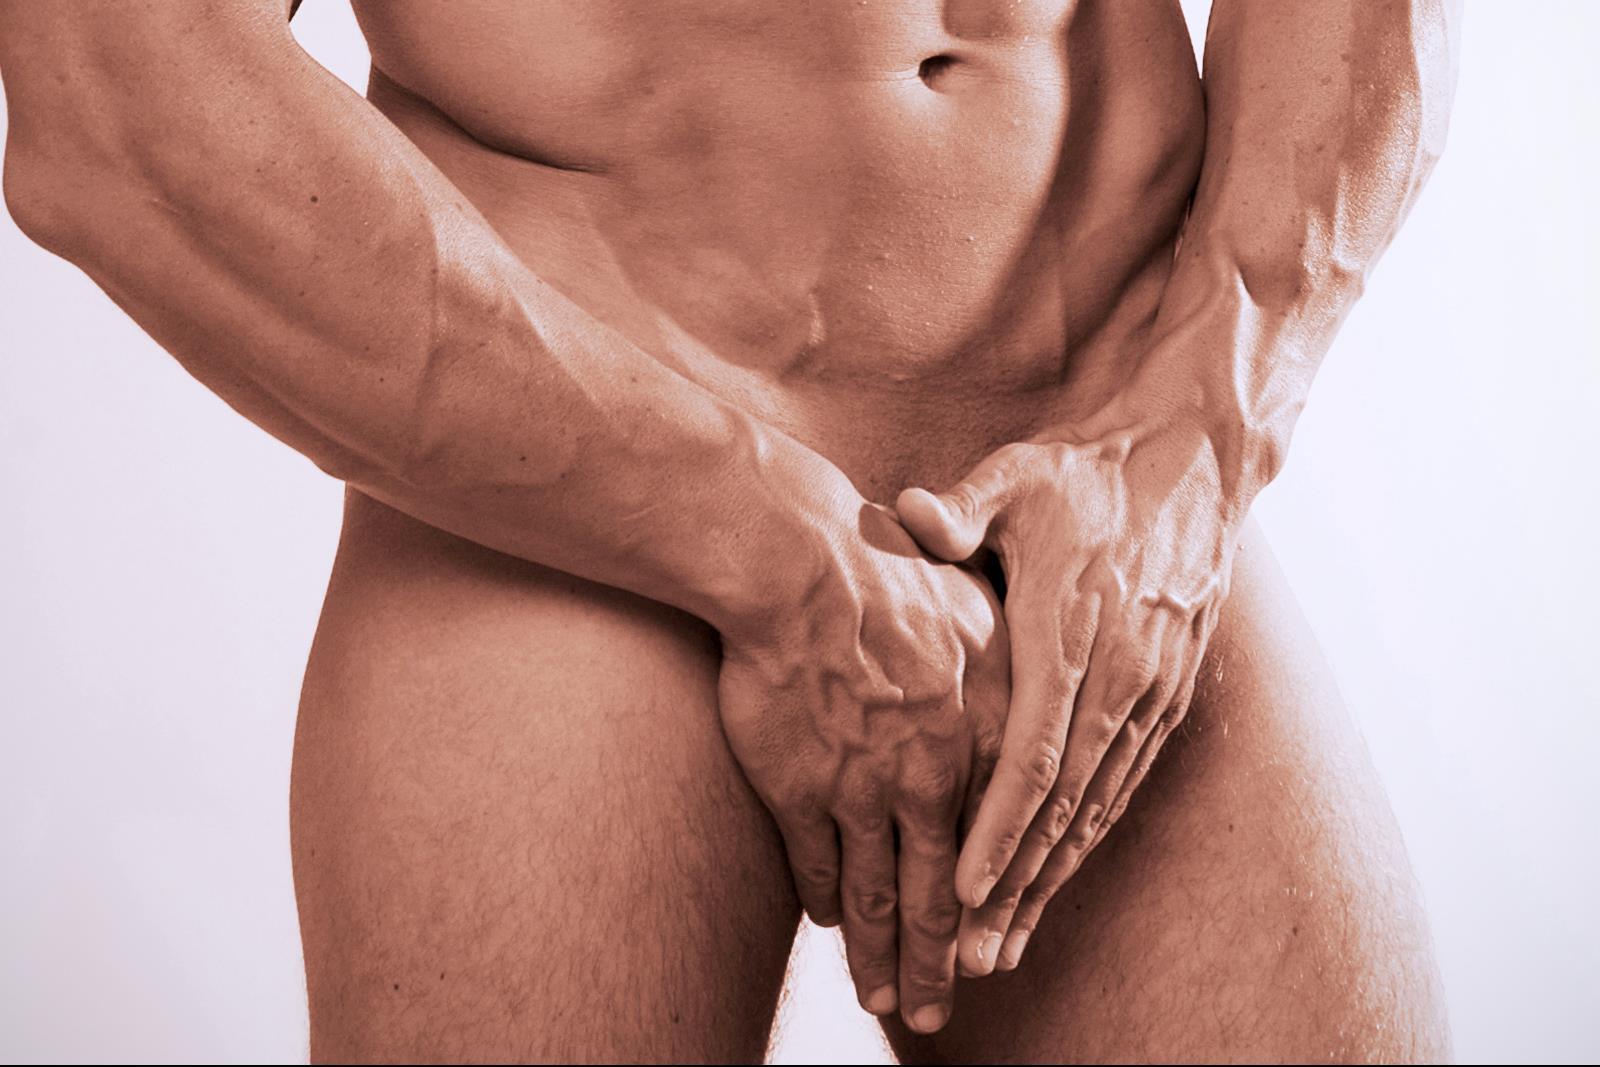 abbahagyta a pénisz felkeltését mi okozza a tartós merevedést